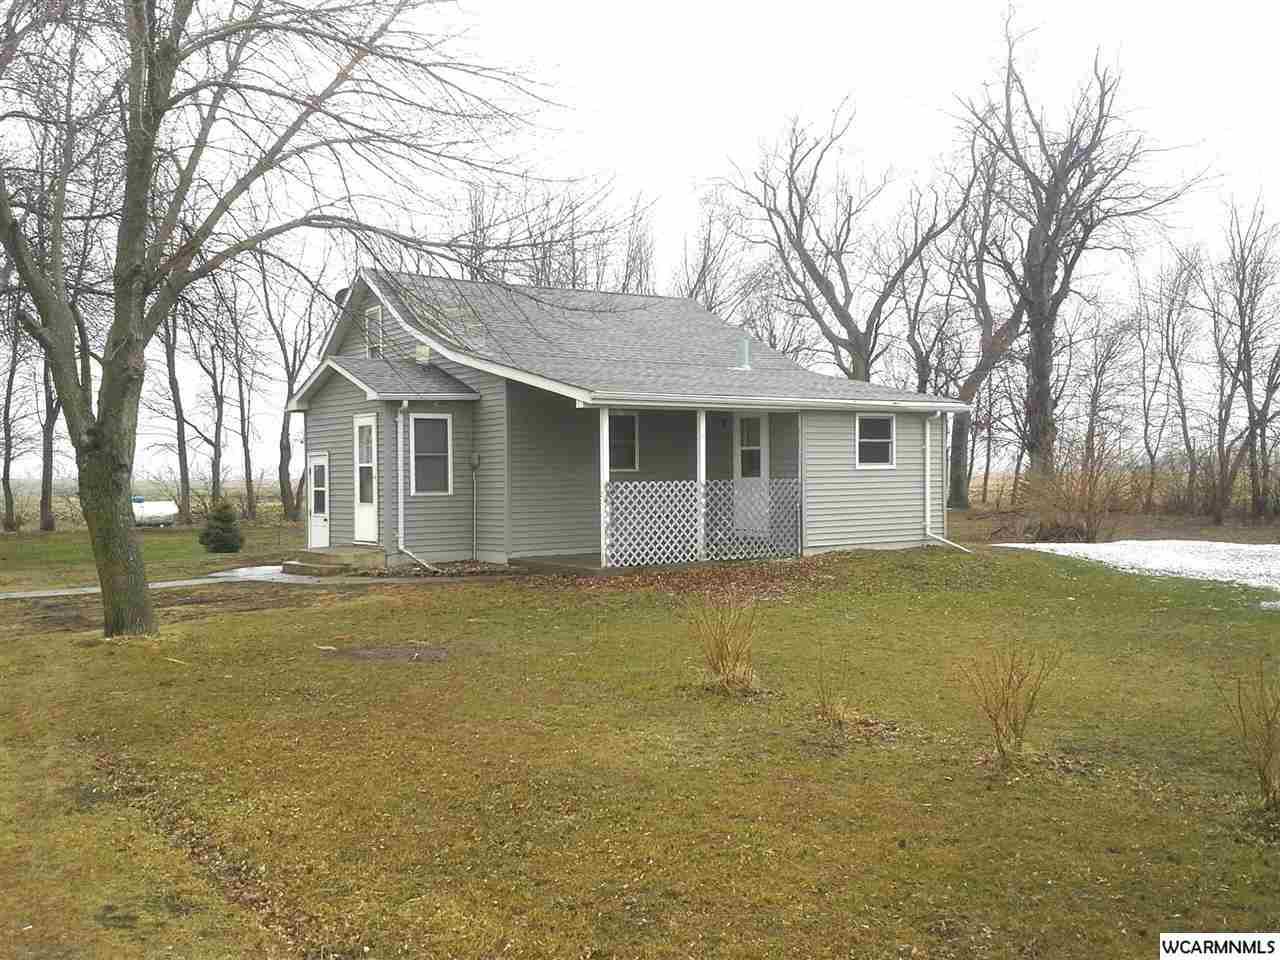 Real Estate for Sale, ListingId: 31779744, Storden,MN56174